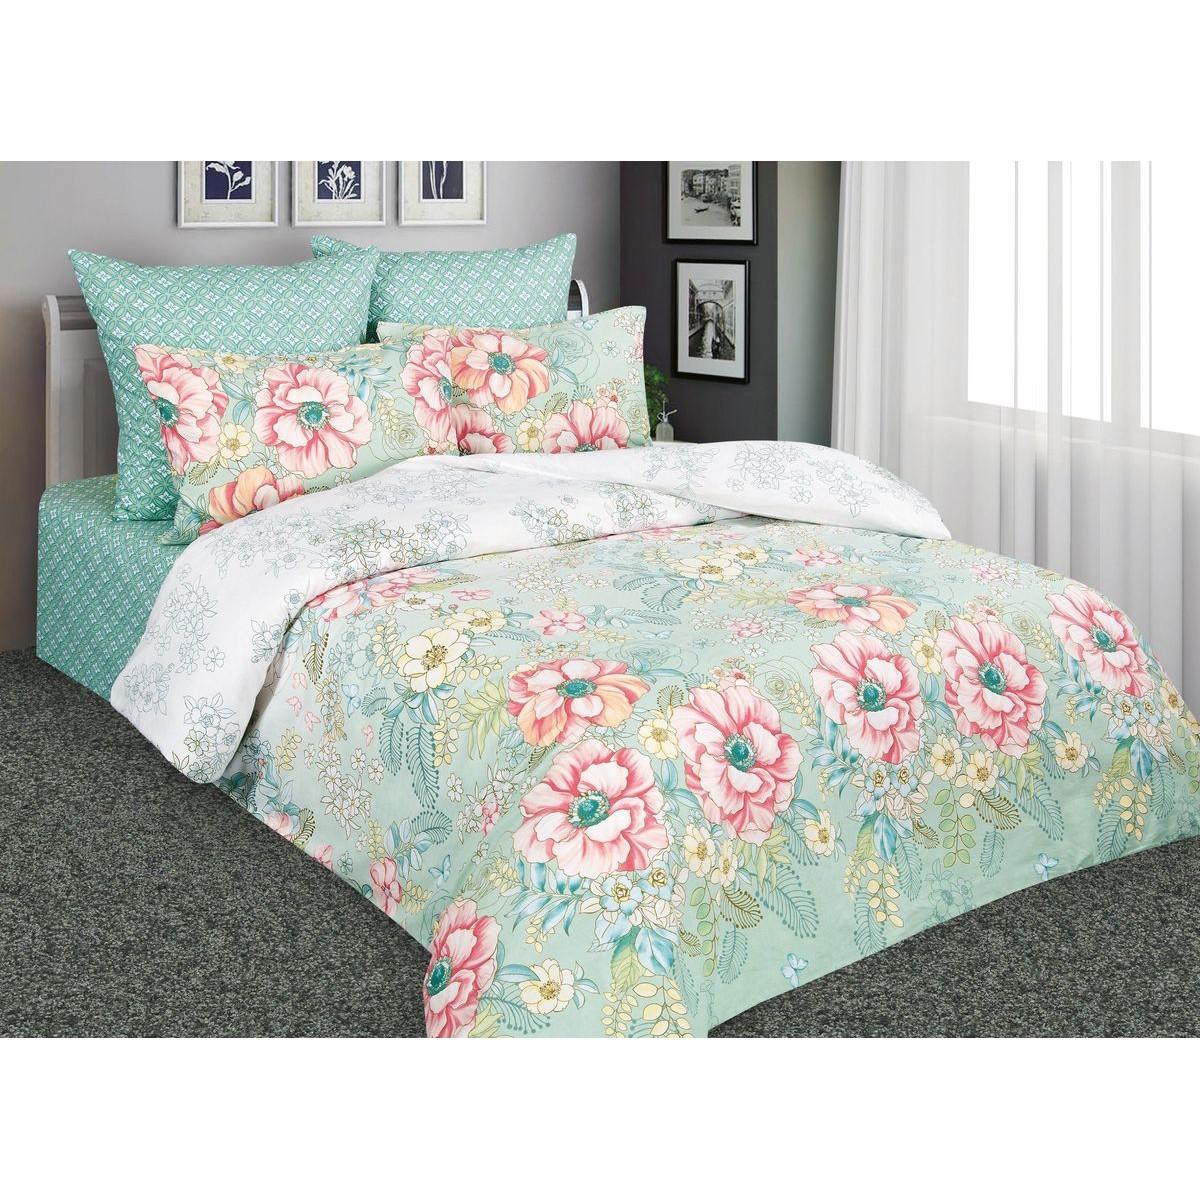 Комплект постельного белья Дивный сад полутораспальный перкаль